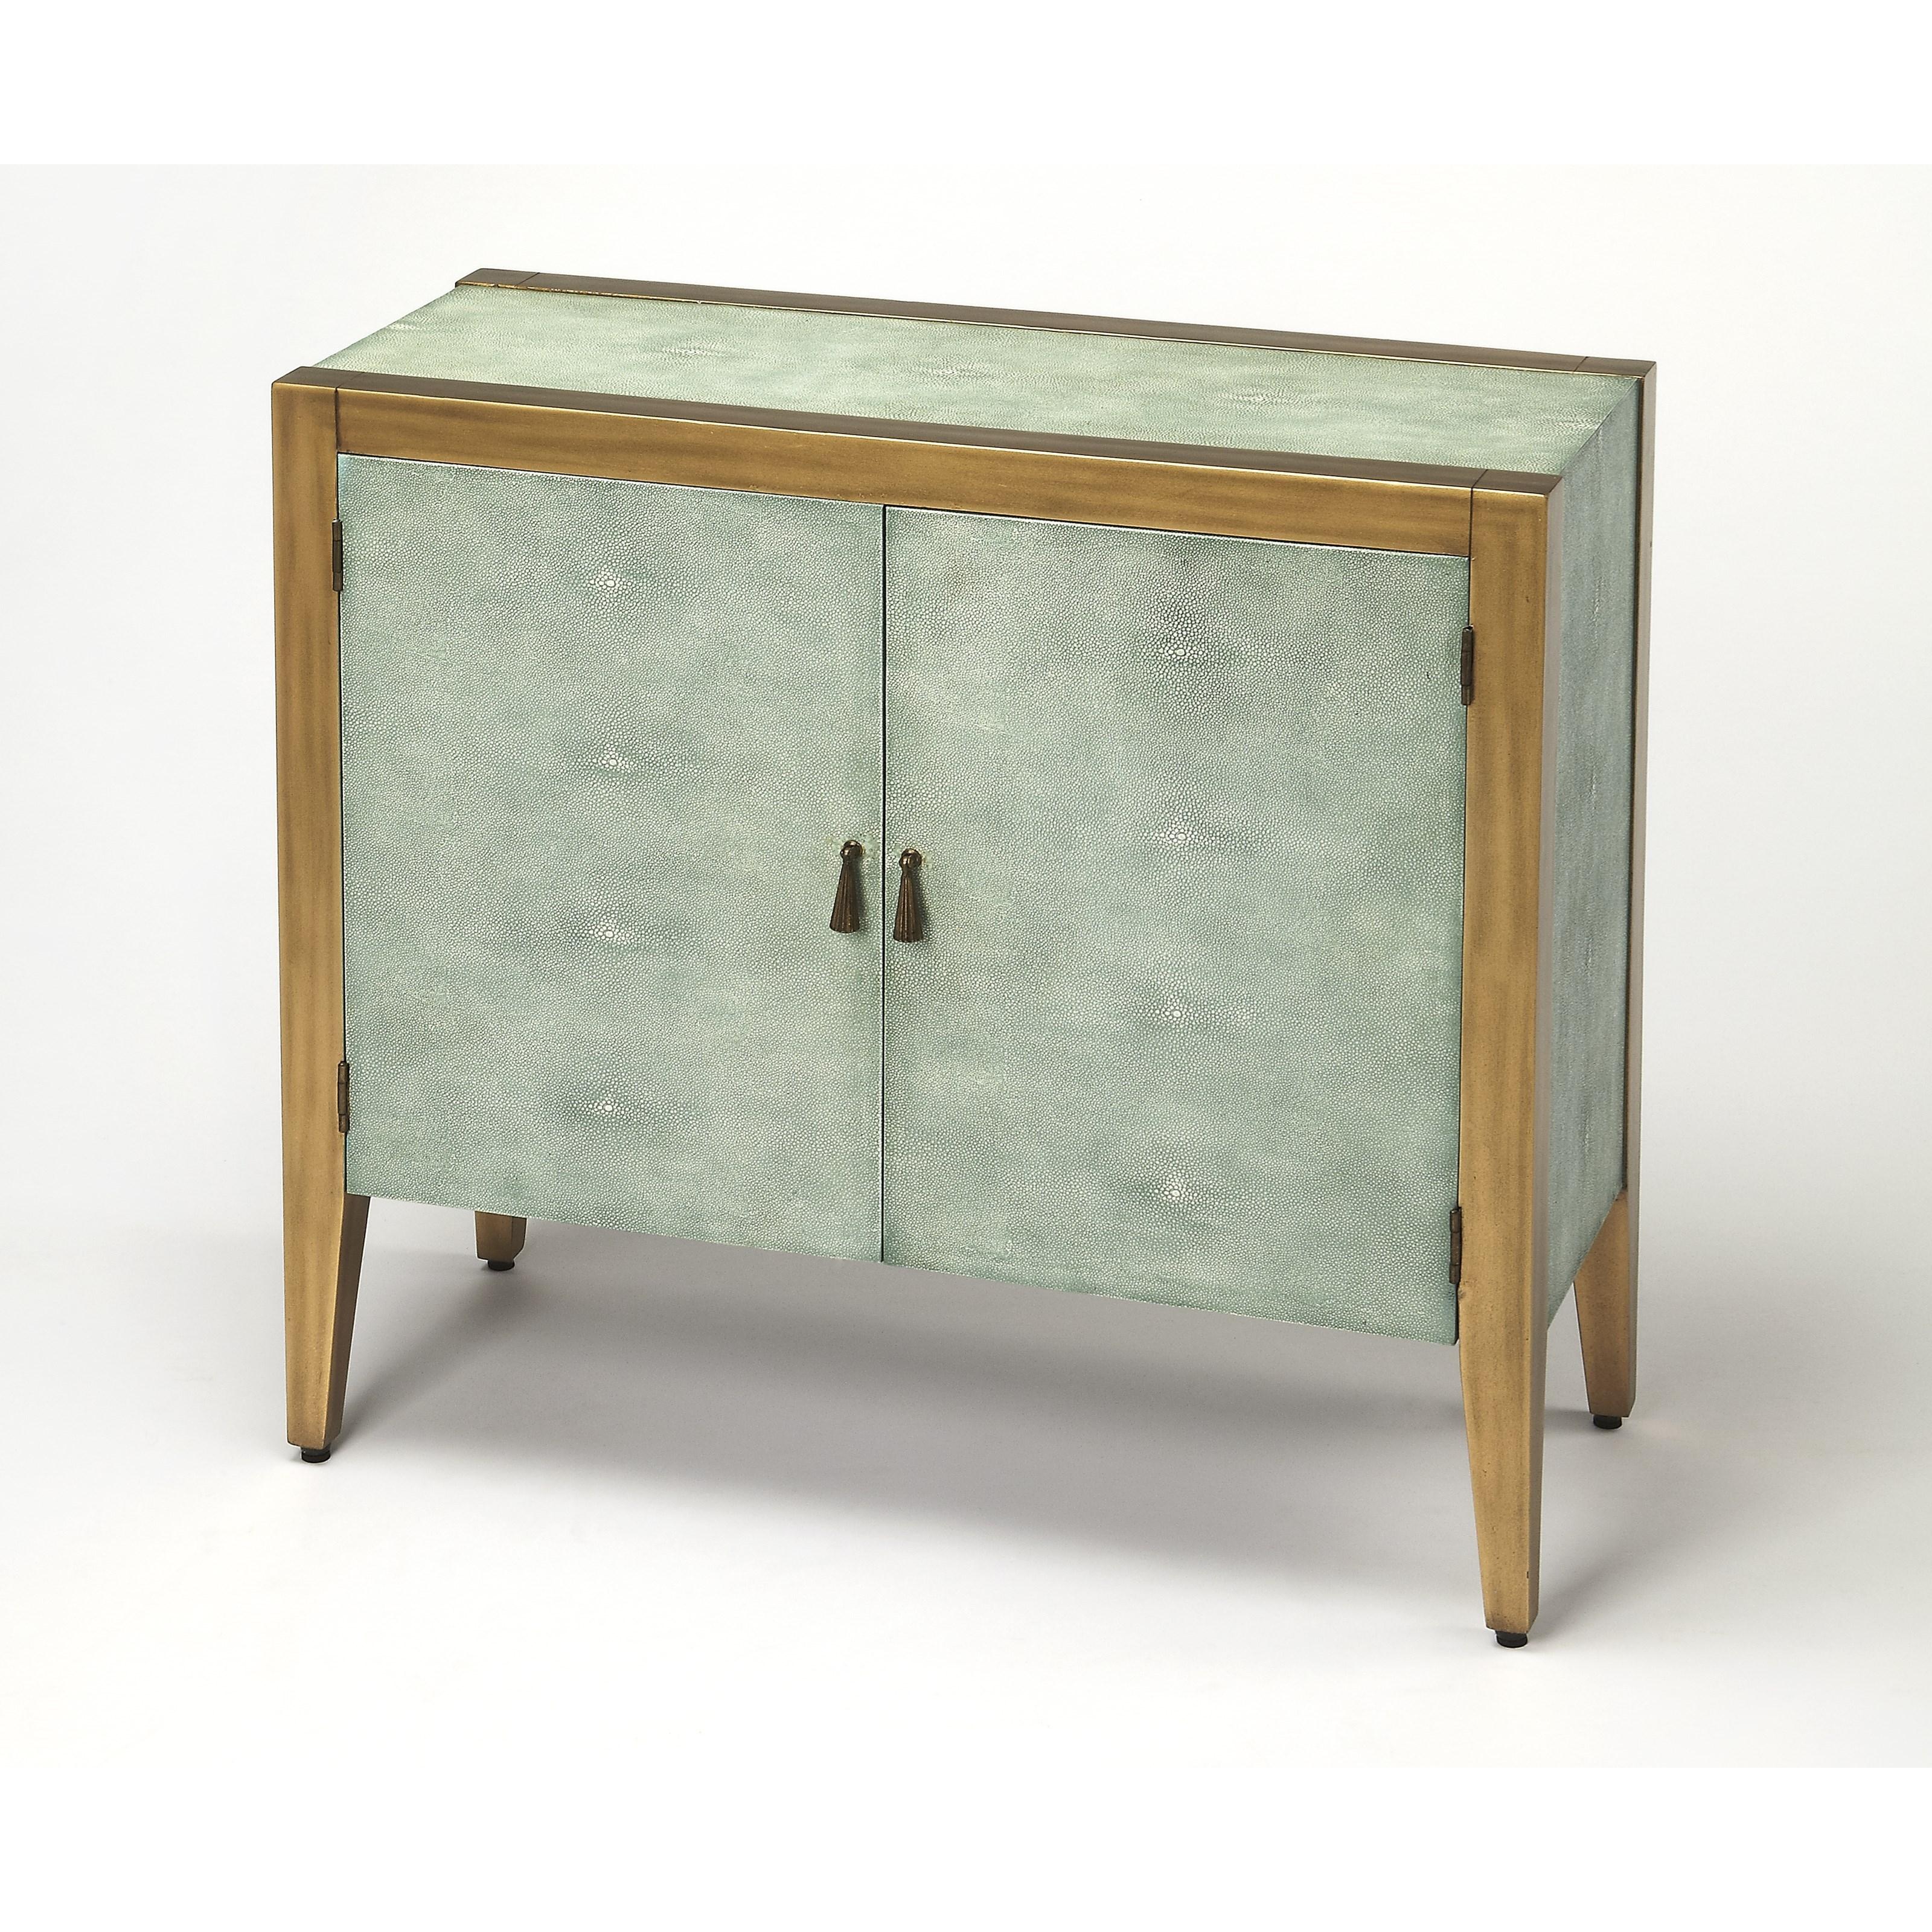 Butler Specialty Company Cosmopolitan Apollonia Shagreen Console Cabinet